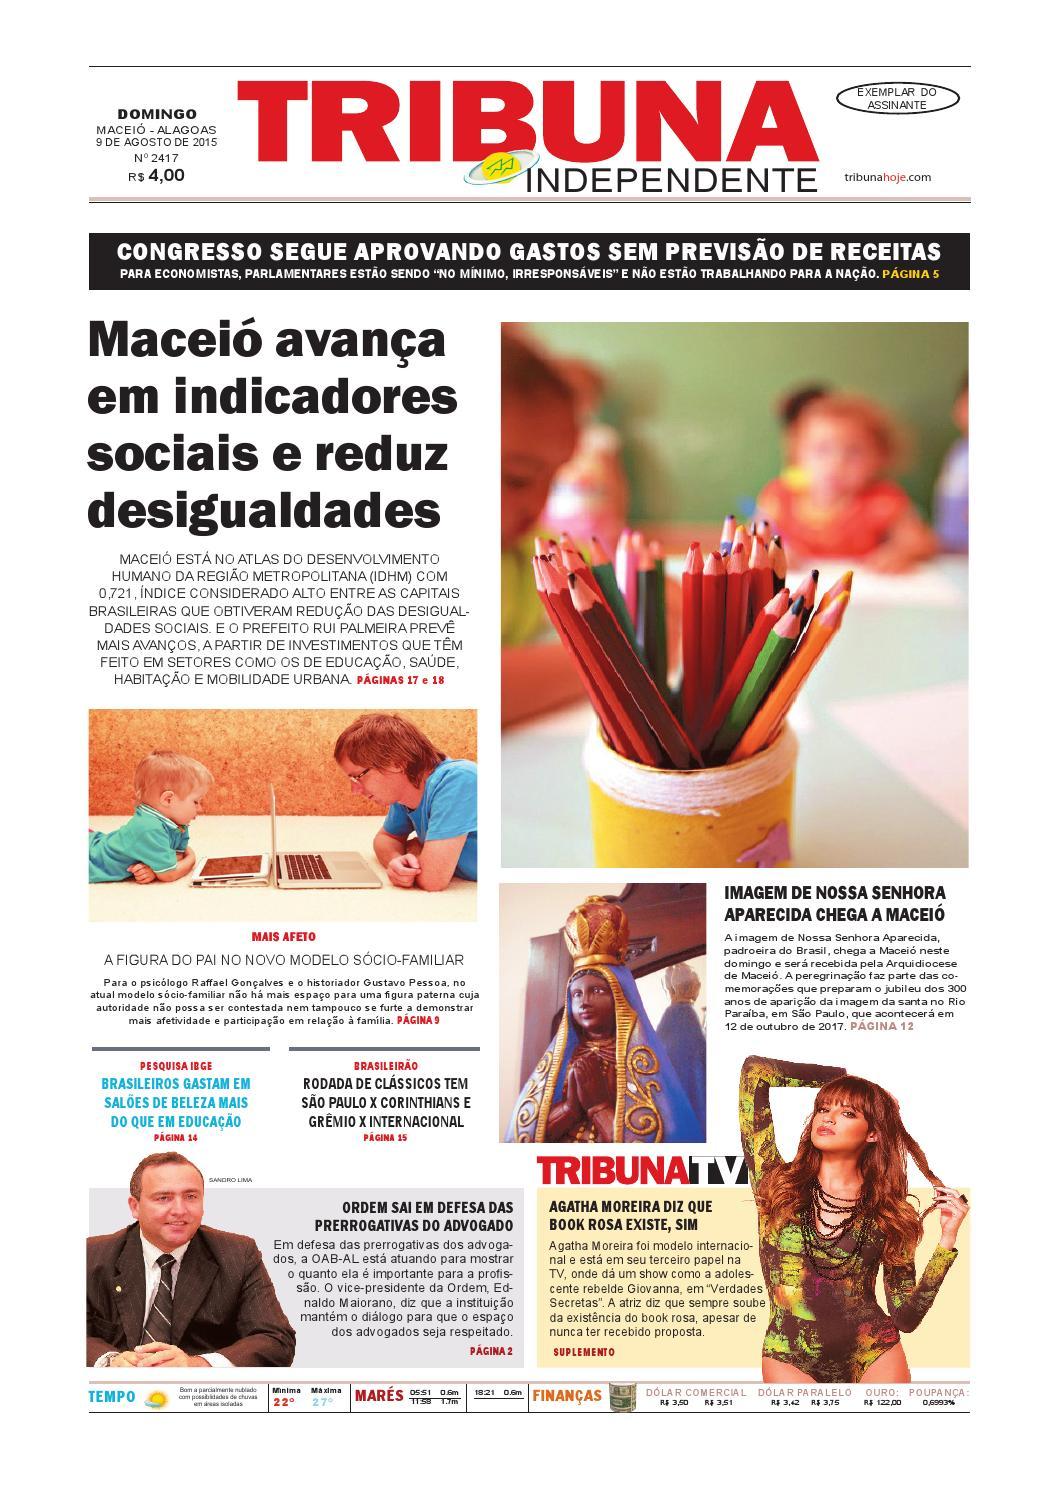 6b87b939644 Edição número 2417 - 9 de agosto de 2015 by Tribuna Hoje - issuu